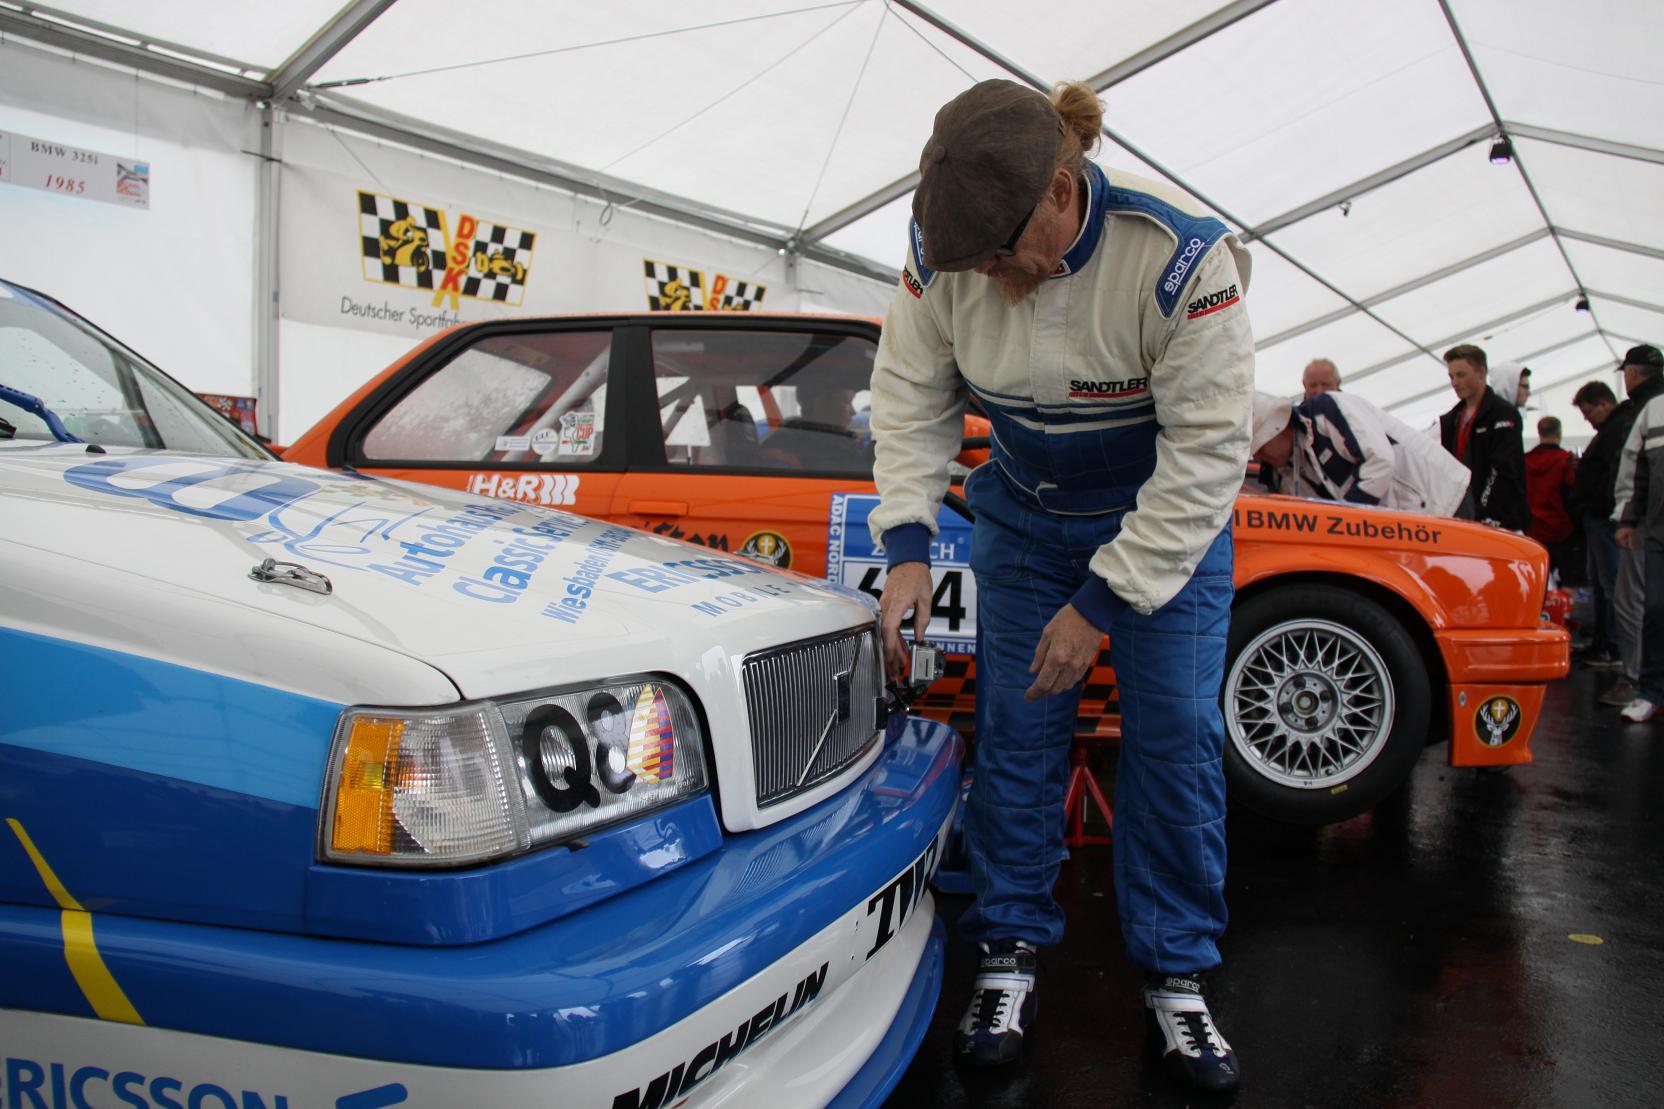 Im Tourenwagenzelt herrscht vor dem Start Betriebsamkeit – Michael Nägler checkt nochmal den festen Sitz seiner Onboard-Kamera.